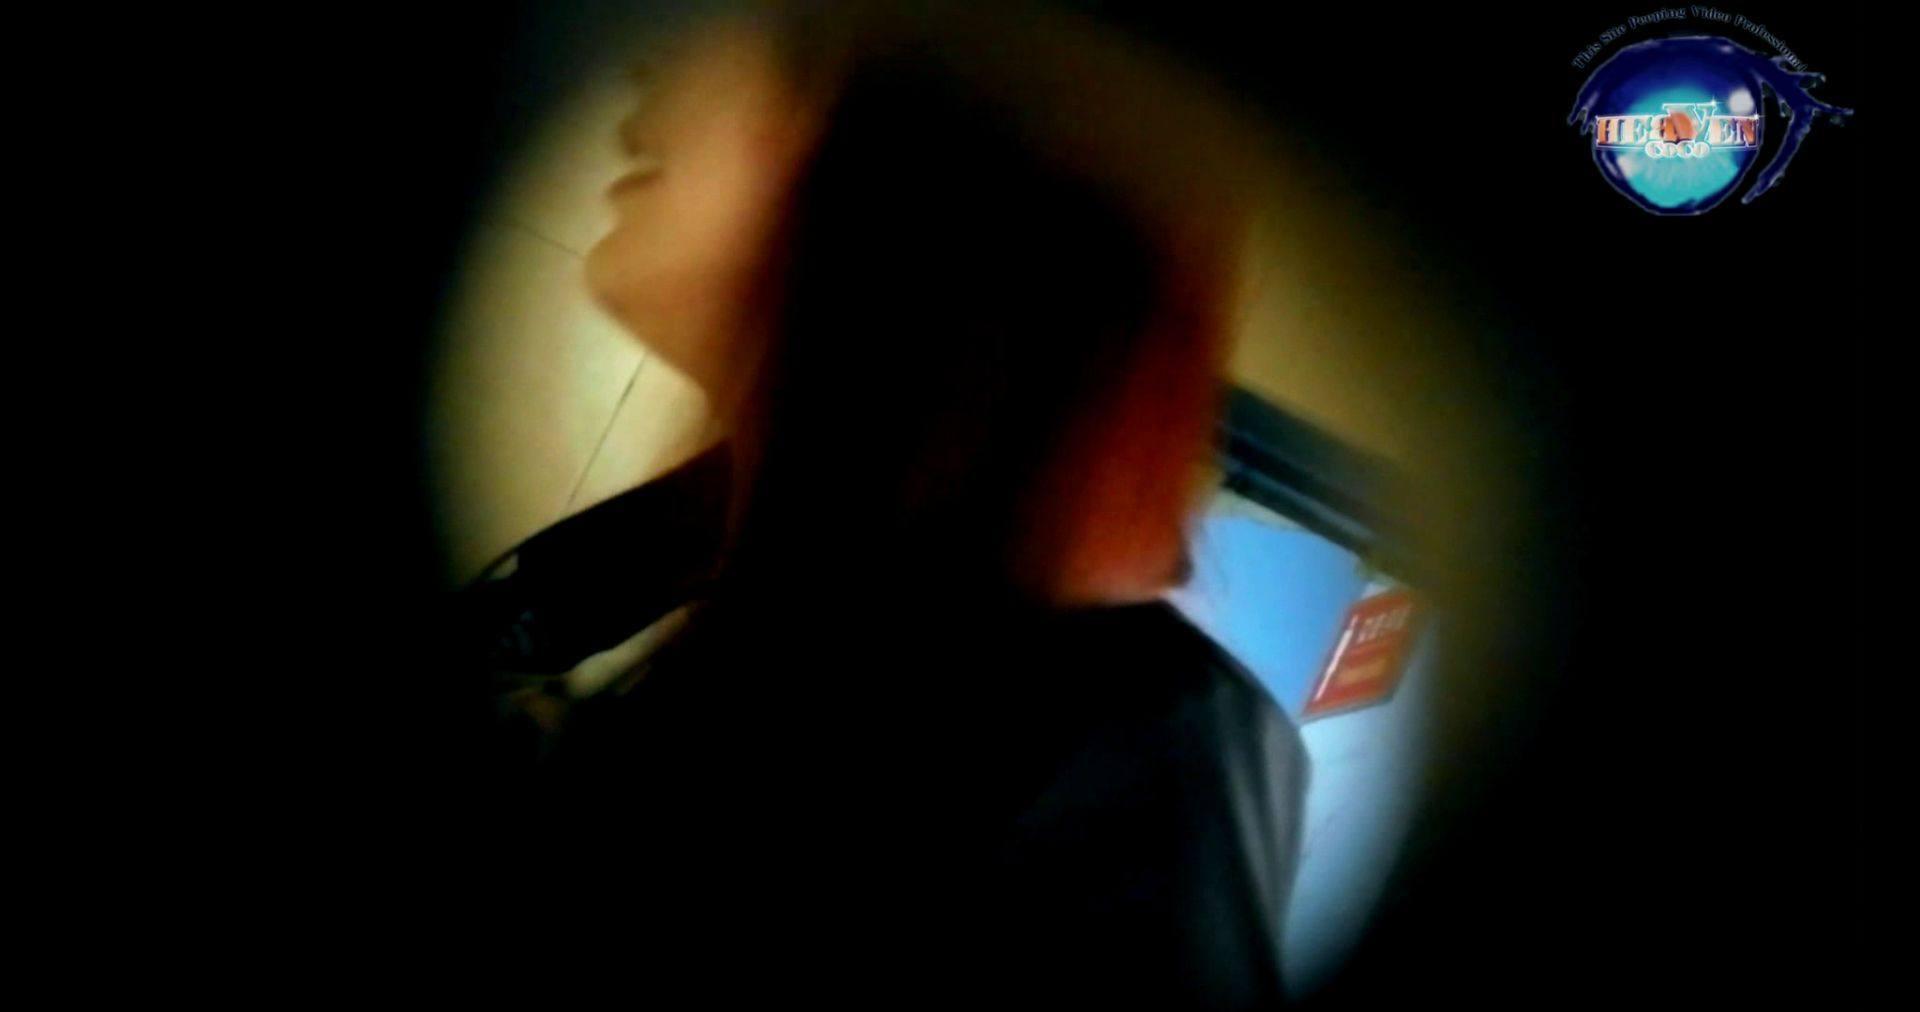 世界の射窓から~ステーション編~vol.36 無料動画に登場したトップクラスモデル本番へ 0  80pic 34